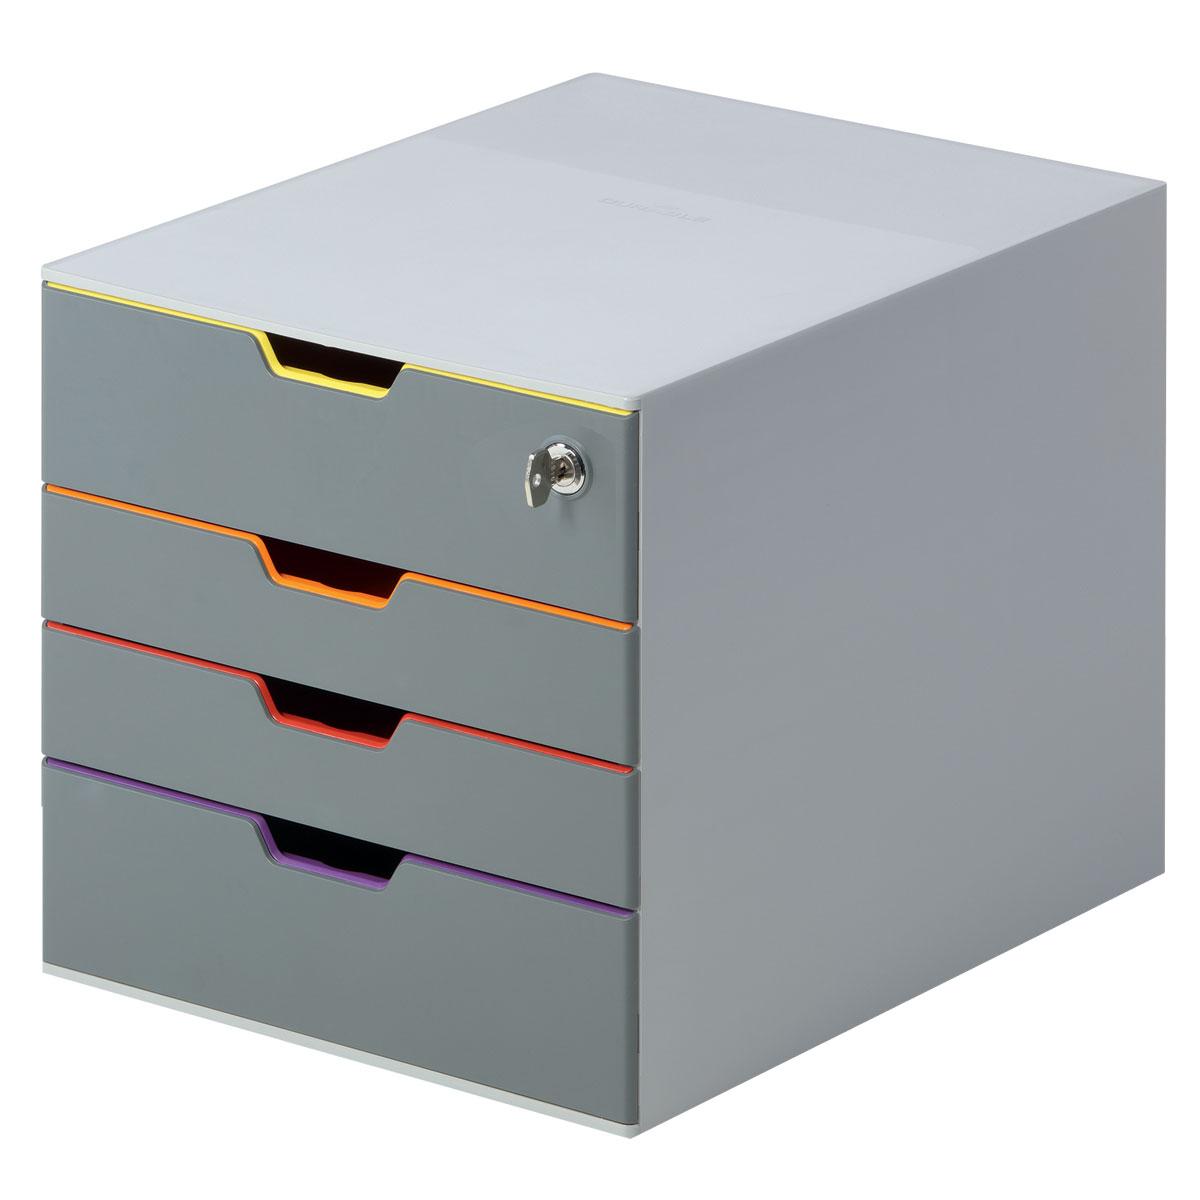 Короб для документов Durable Varicolor. 7606-2712723Короб для документов Durable Varicolor выполнен из высококачественного пластика. Выдвижные ящики закрытого типа, оснащены стопорами и табуляторами для маркировки. Боксы можно устанавливать друг на друга, фиксируются при помощи резиновых ножек. Стильный короб для документов с 4 выдвижными цветными ящичками. Выполнен из пластика премиального качества. Широкие лотки для удобного хранения большого количества документов. Верхний лоток запирается на замок, что позволяет хранить в боксе ценные бумаги и аксессуары.Выдвижные ящички выполнены в разных цветах, что позволяет группировать документы по тематикам и быстро их находить. Подходят для форматов А4, С4, Folio.Бокс оснащен стопорами, которые не позволяют выпасть лоткам при резком открывании, а также съемными табуляторами для маркировки. Не скользит даже на самых гладких поверхностях благодаря силиконовым ножкам.